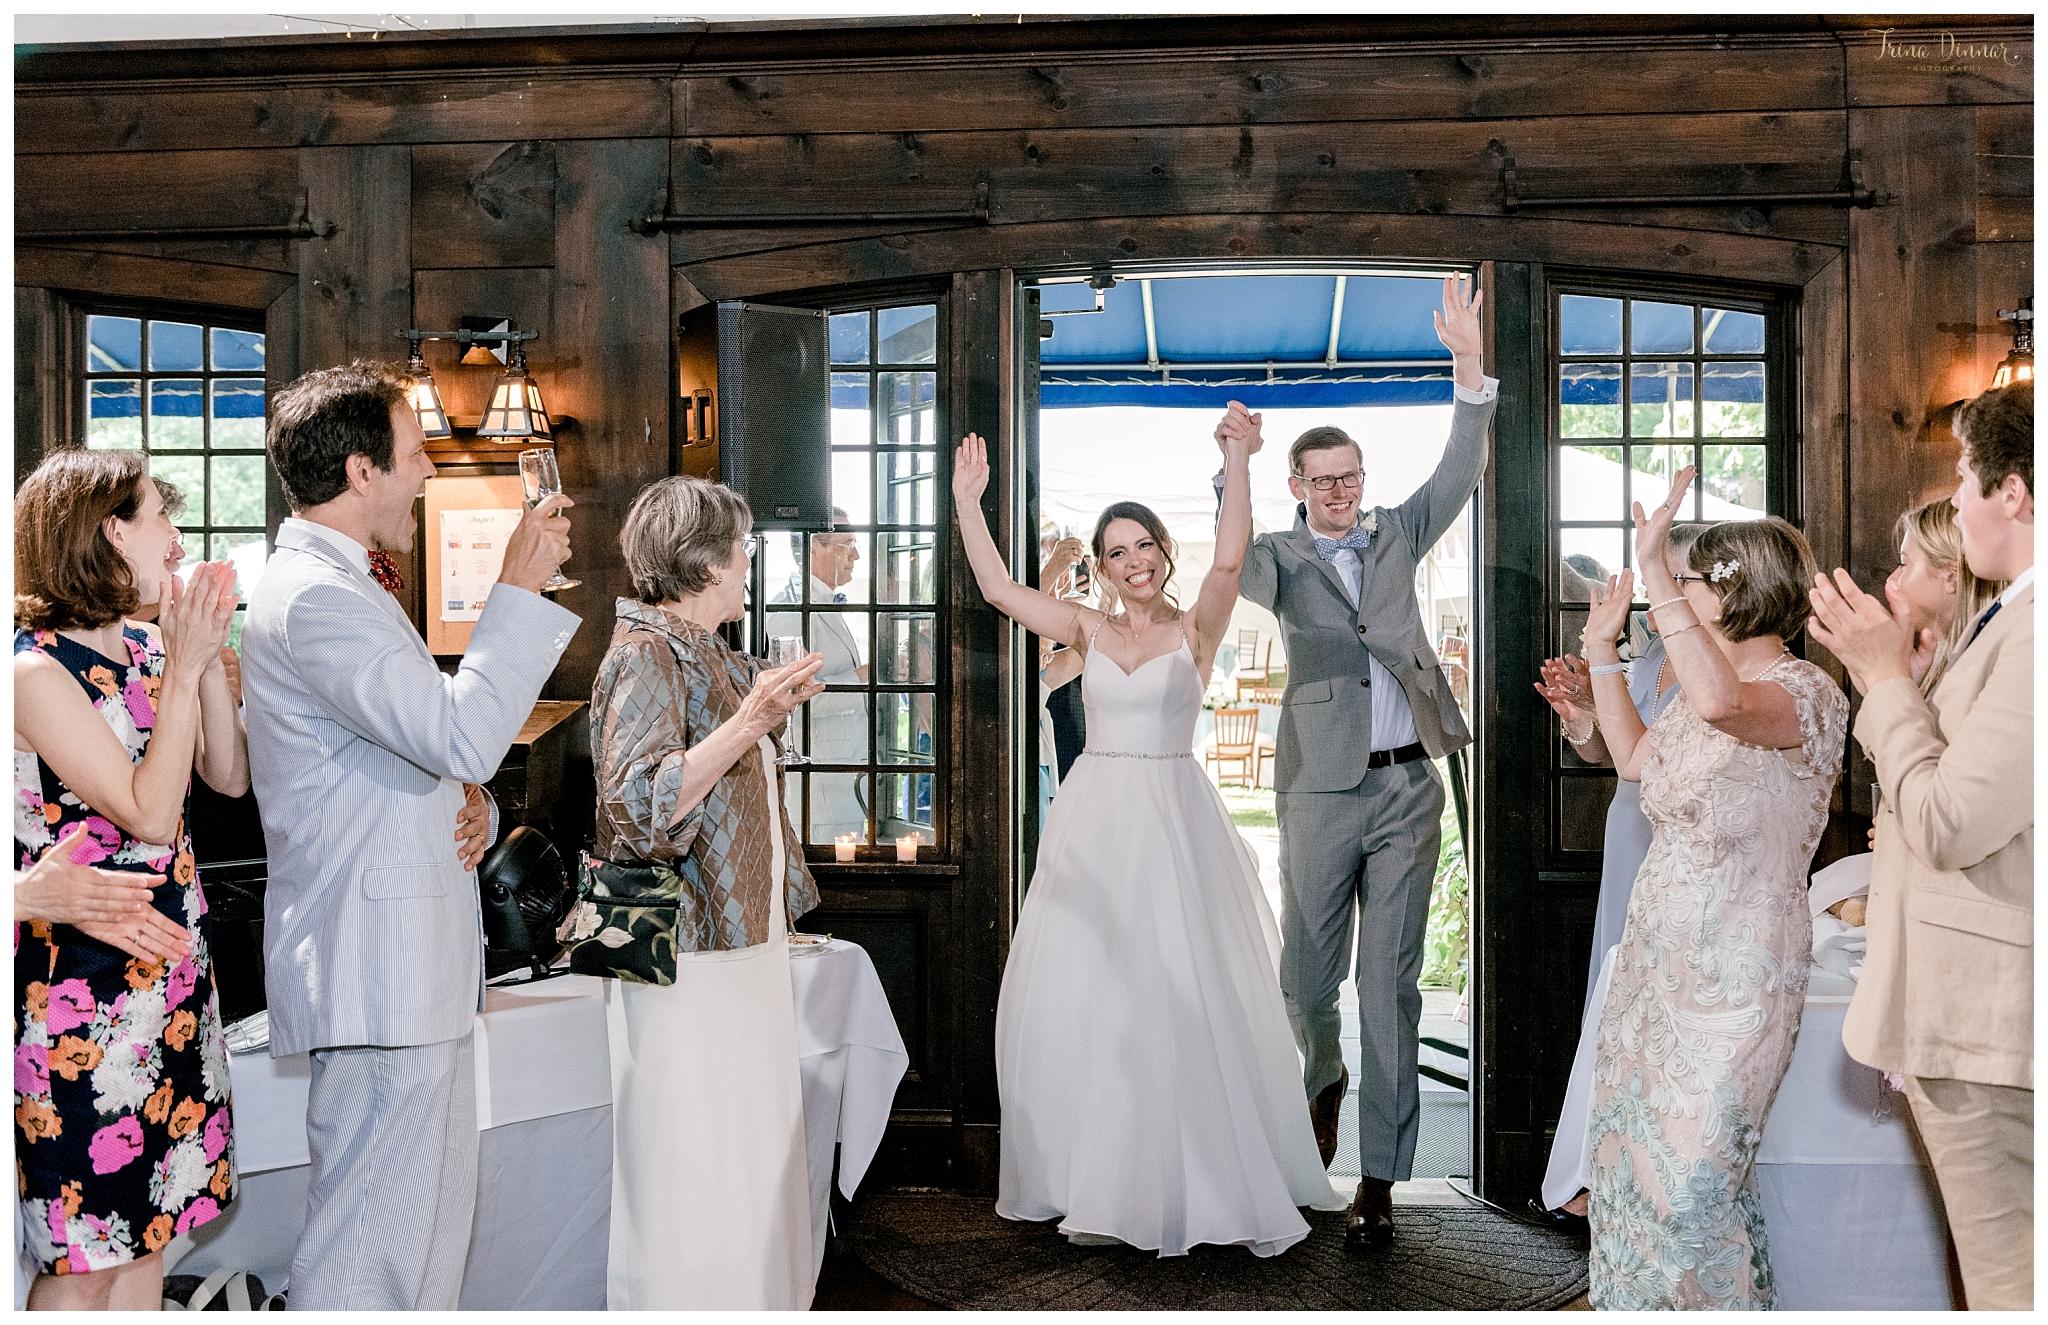 Announced into Wedding Reception